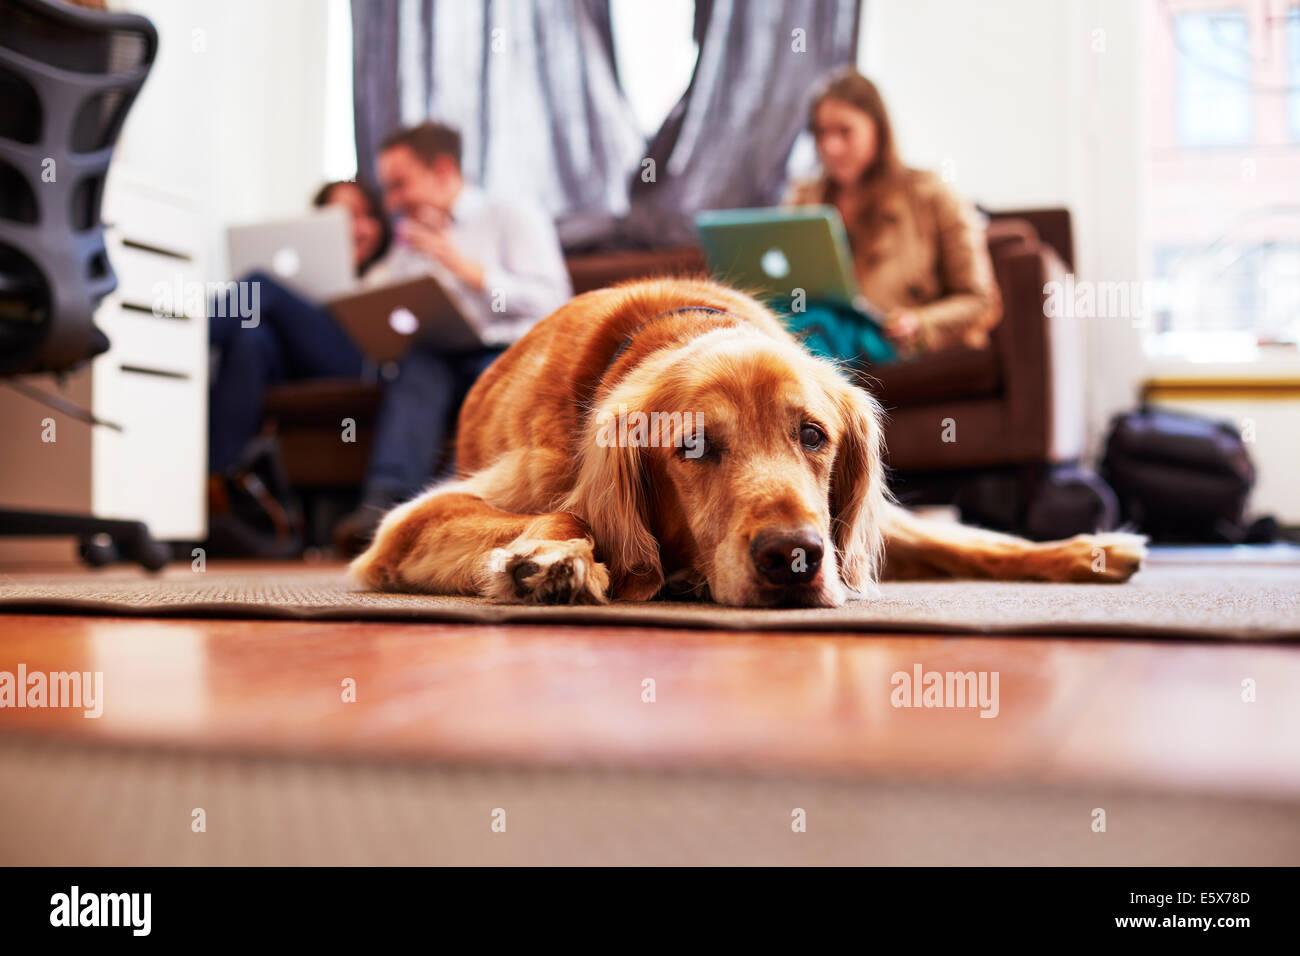 Portrait de chien ennuyer allongé sur un tapis, les gens sur les ordinateurs portables en arrière-plan Photo Stock